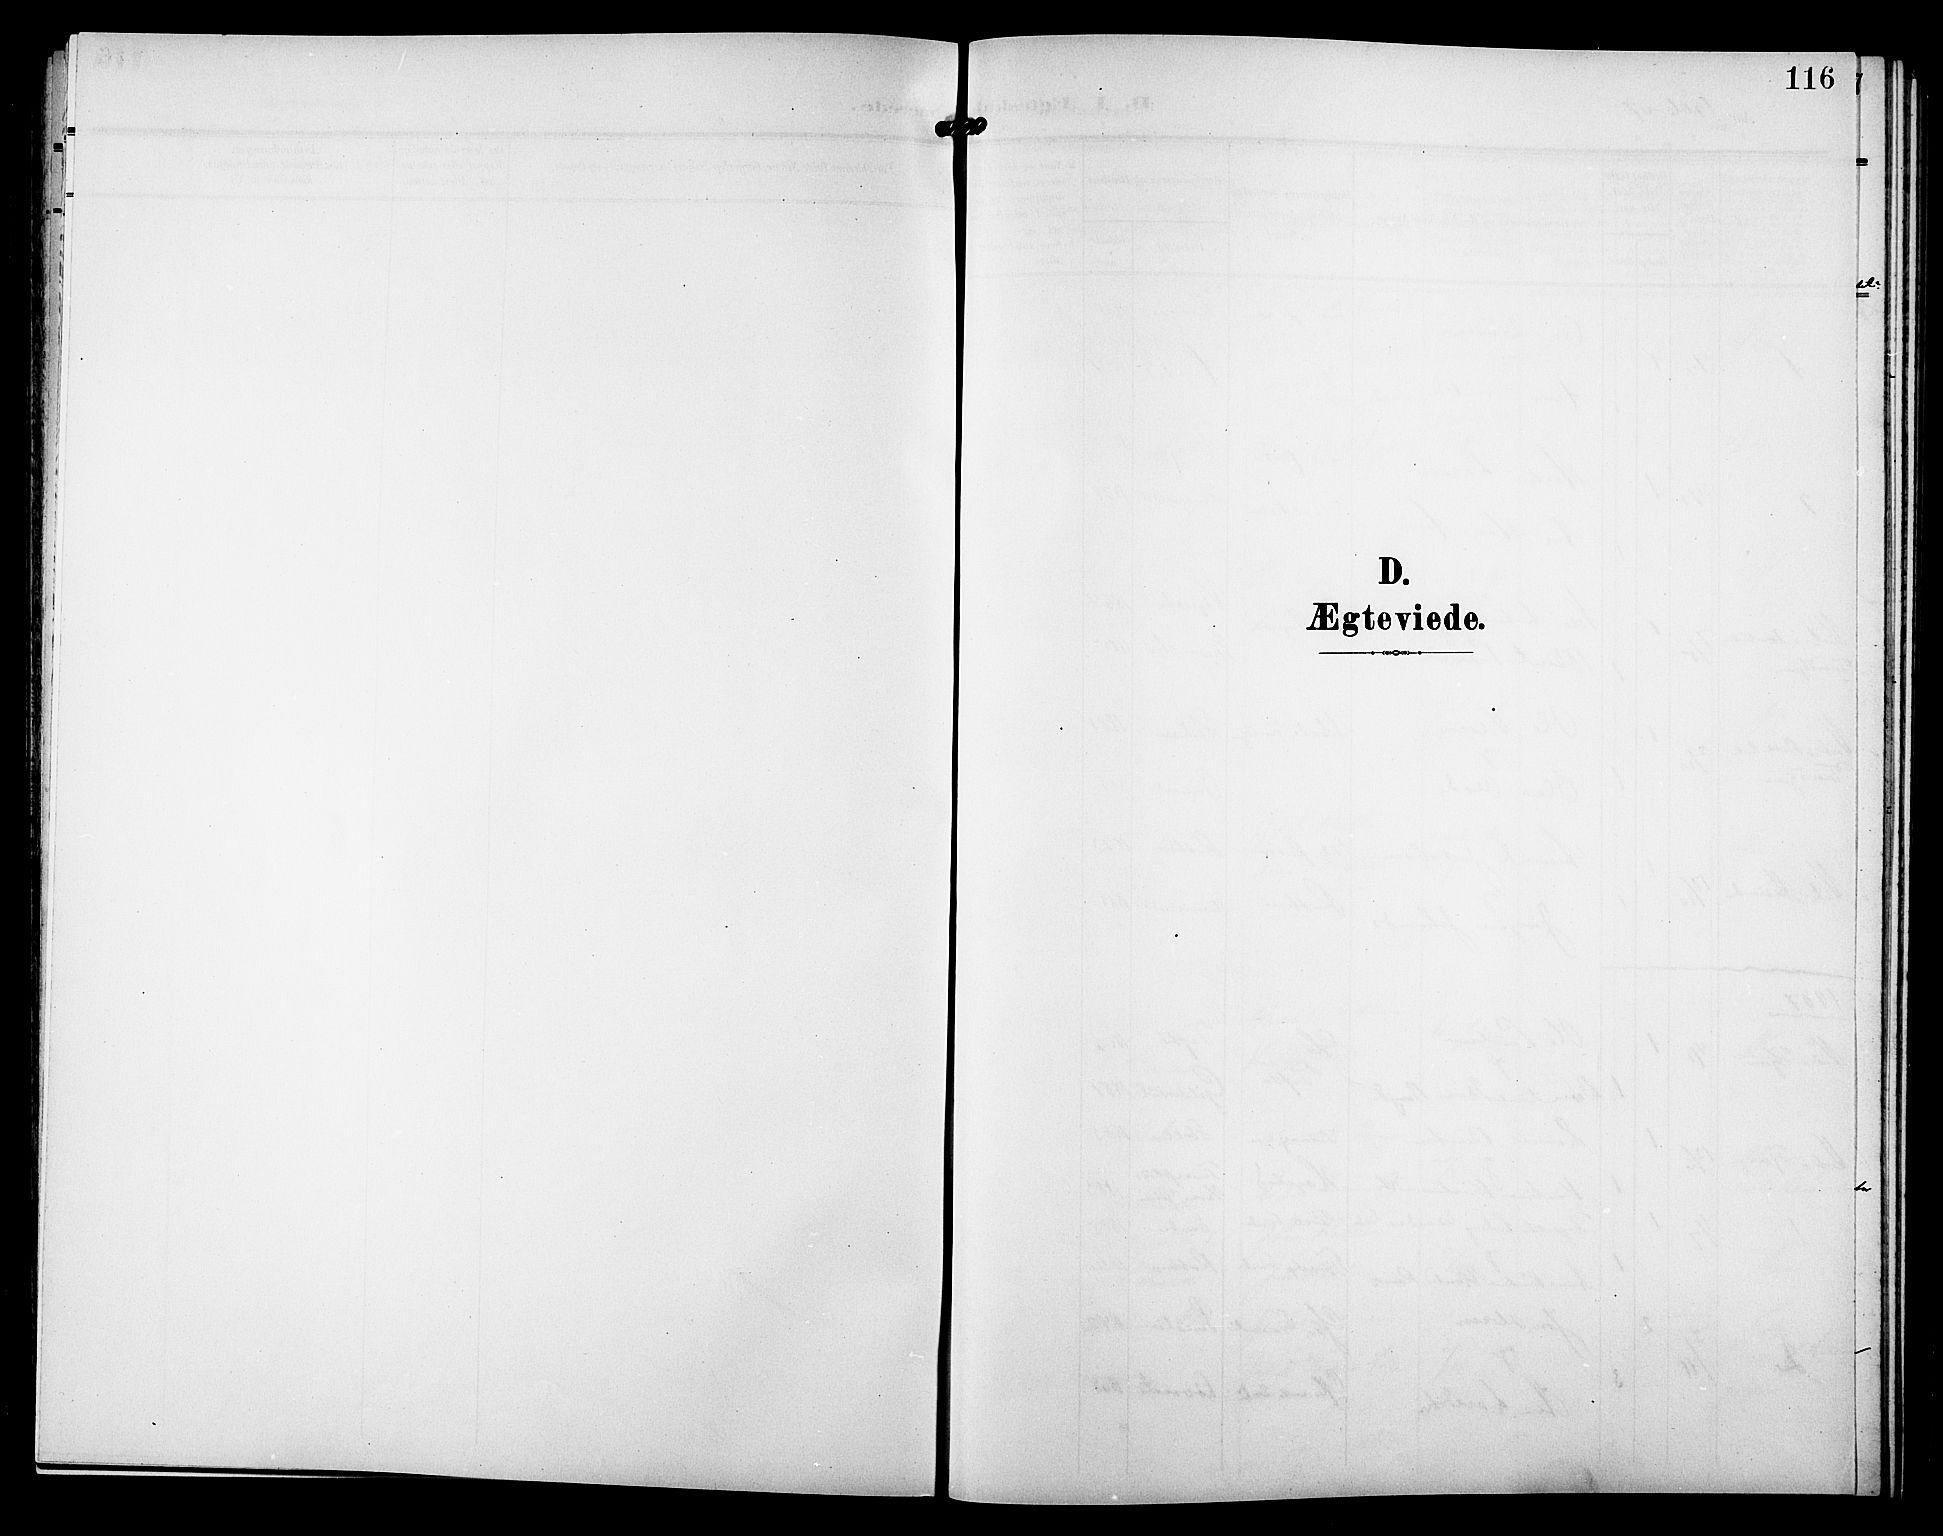 SAT, Ministerialprotokoller, klokkerbøker og fødselsregistre - Sør-Trøndelag, 633/L0520: Klokkerbok nr. 633C02, 1906-1921, s. 116